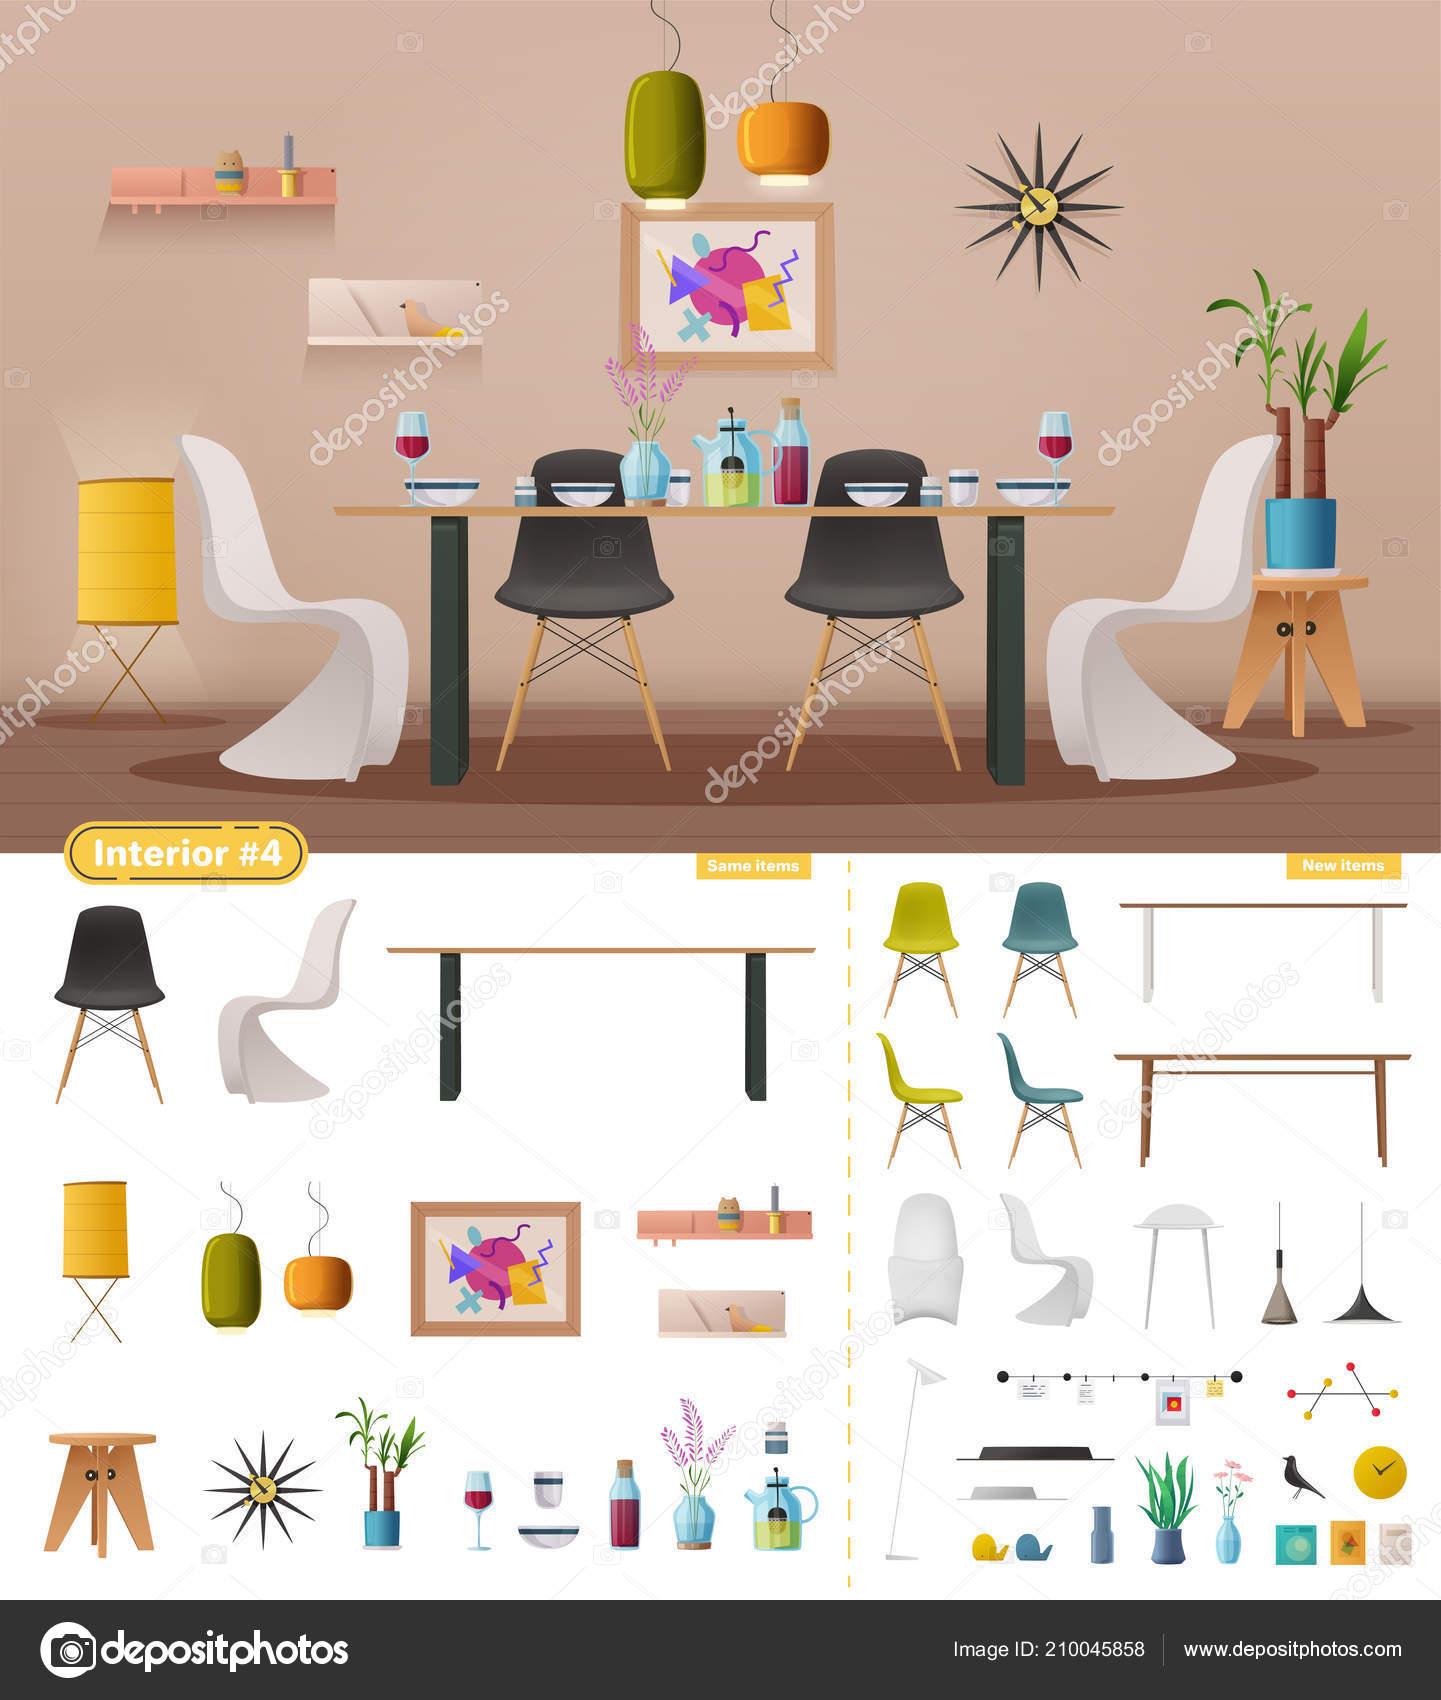 cr ateur int rieur salle manger illustration de. Black Bedroom Furniture Sets. Home Design Ideas